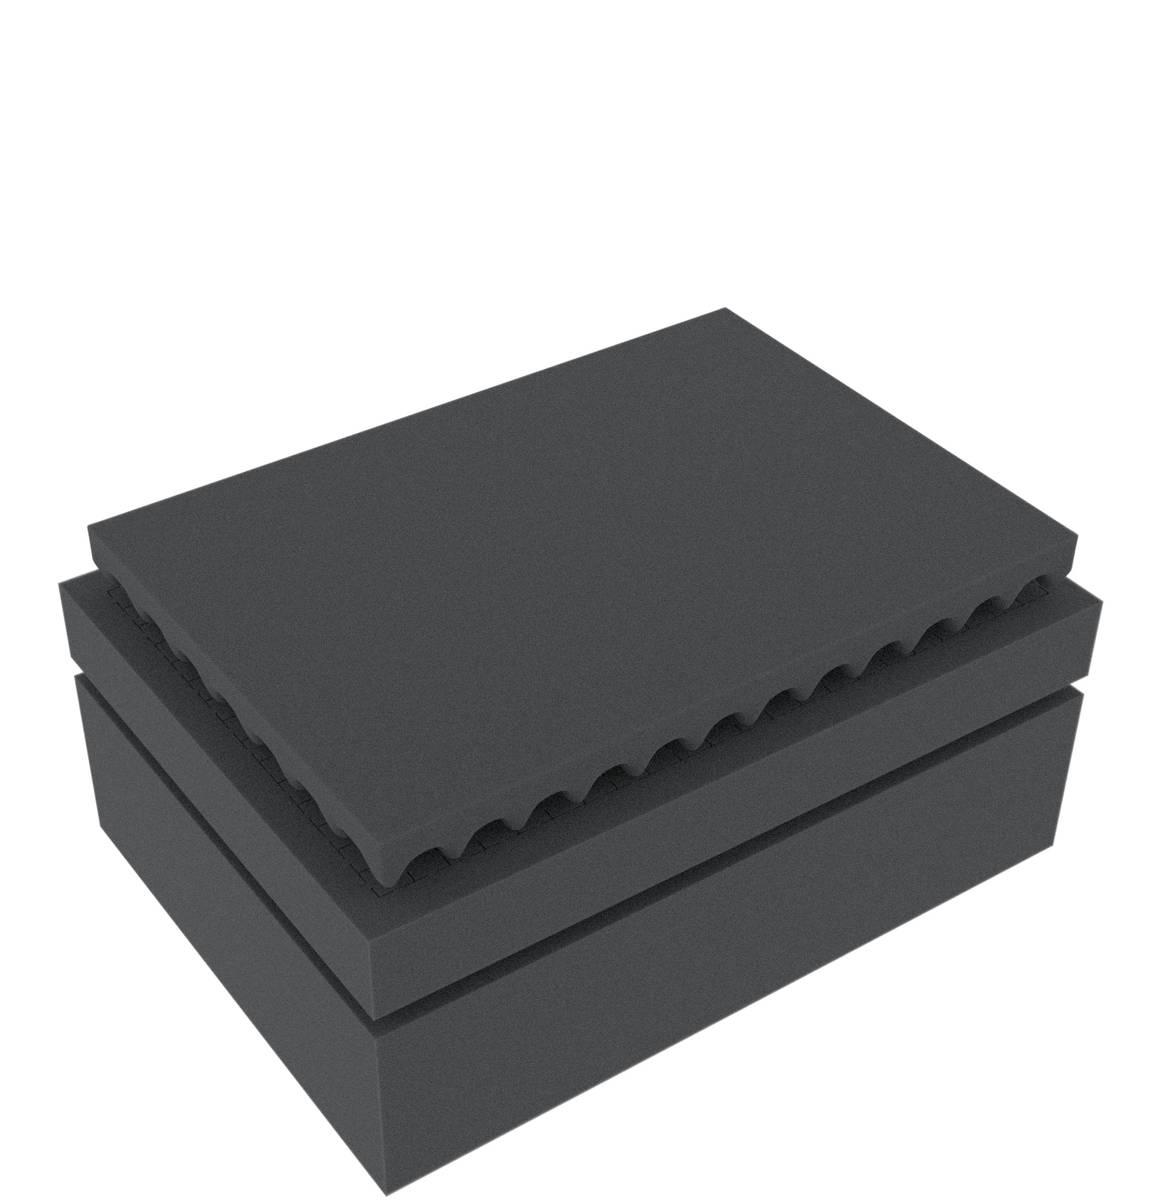 Feldherr Rasterschaumstoff für Auer Packaging Eurobehälter / Euro Box mit Scharnierdeckel / Koffer ED 43/17